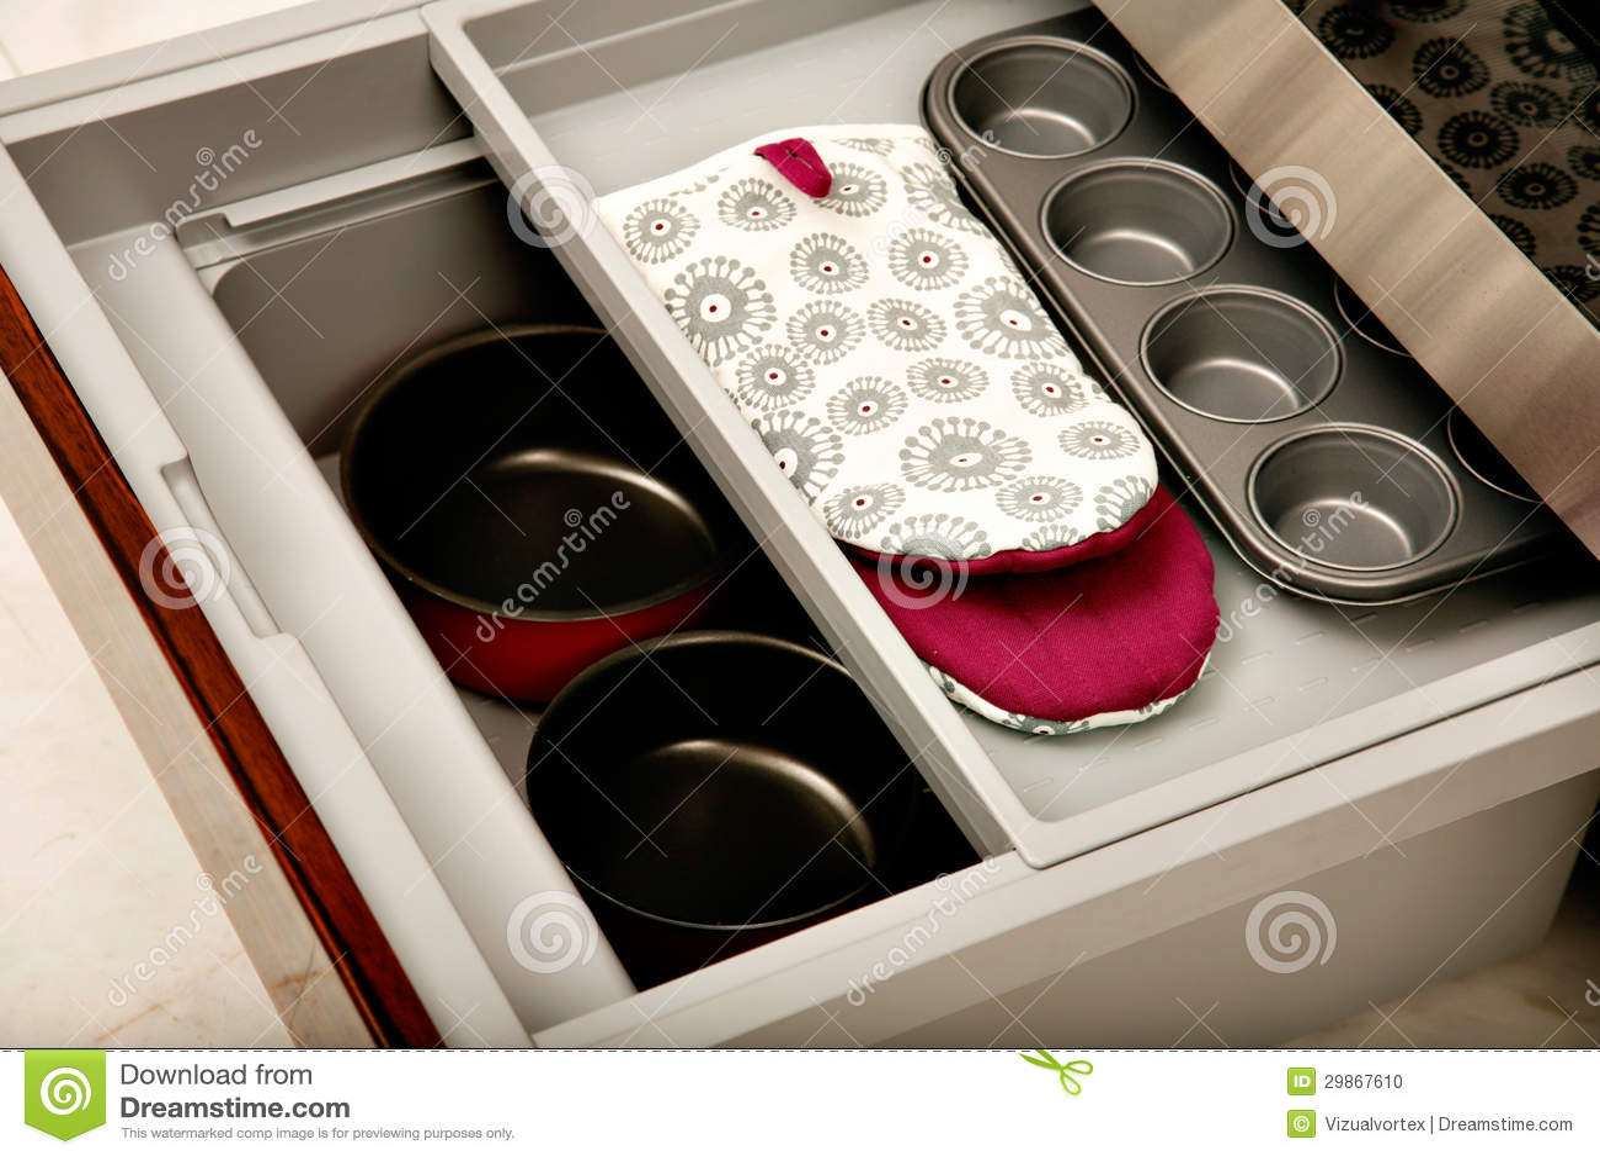 tiroir de cuisine avec des compartiments photo stock. Black Bedroom Furniture Sets. Home Design Ideas